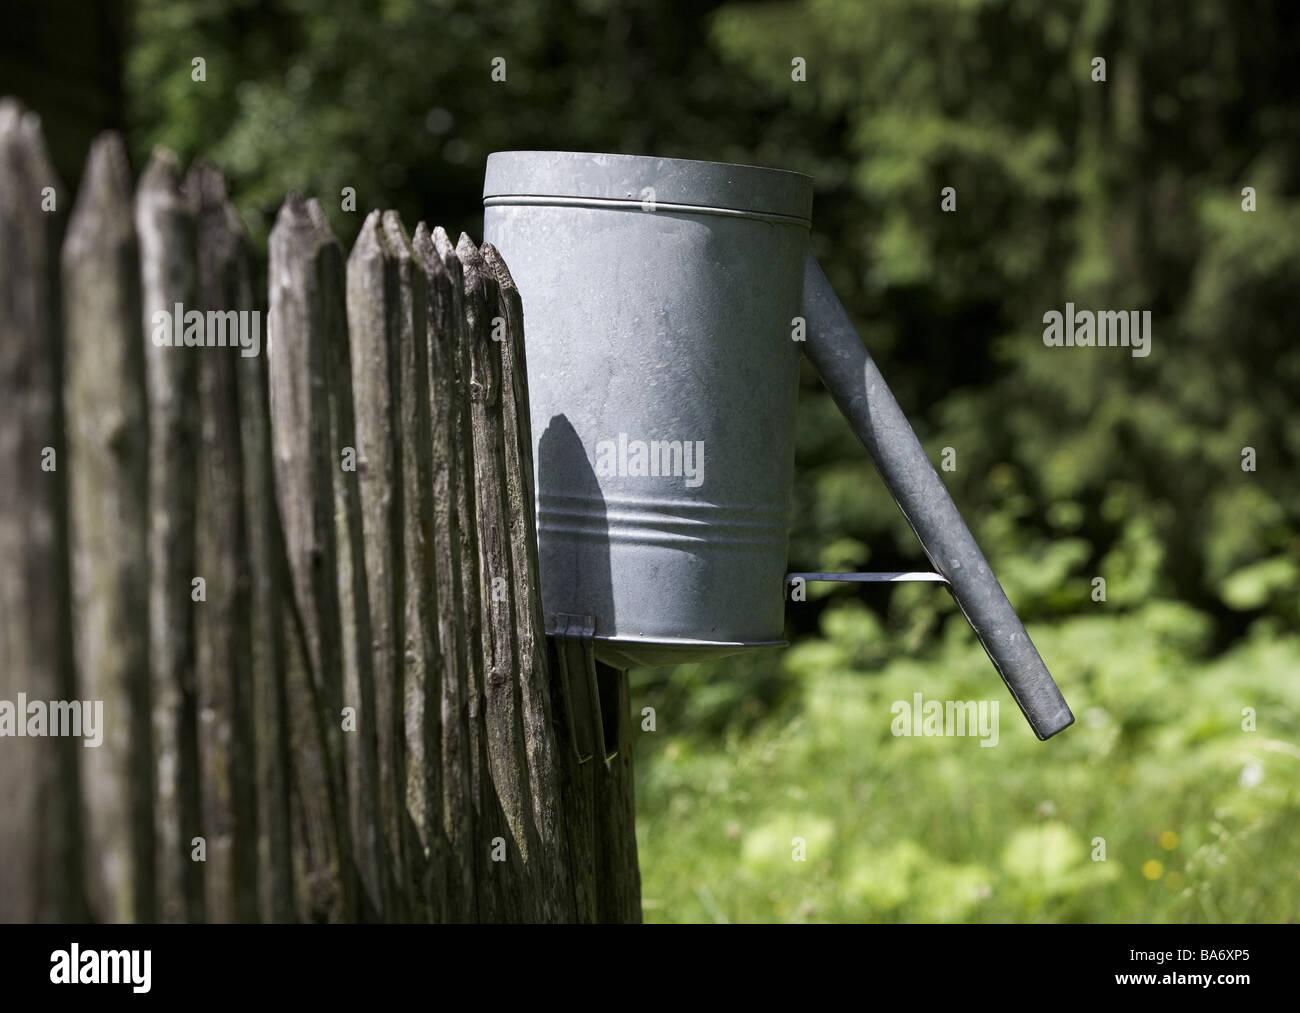 Waldrand Zaun Blech Bewasserung Kann Lamellen Zaun Holz Latten Holz